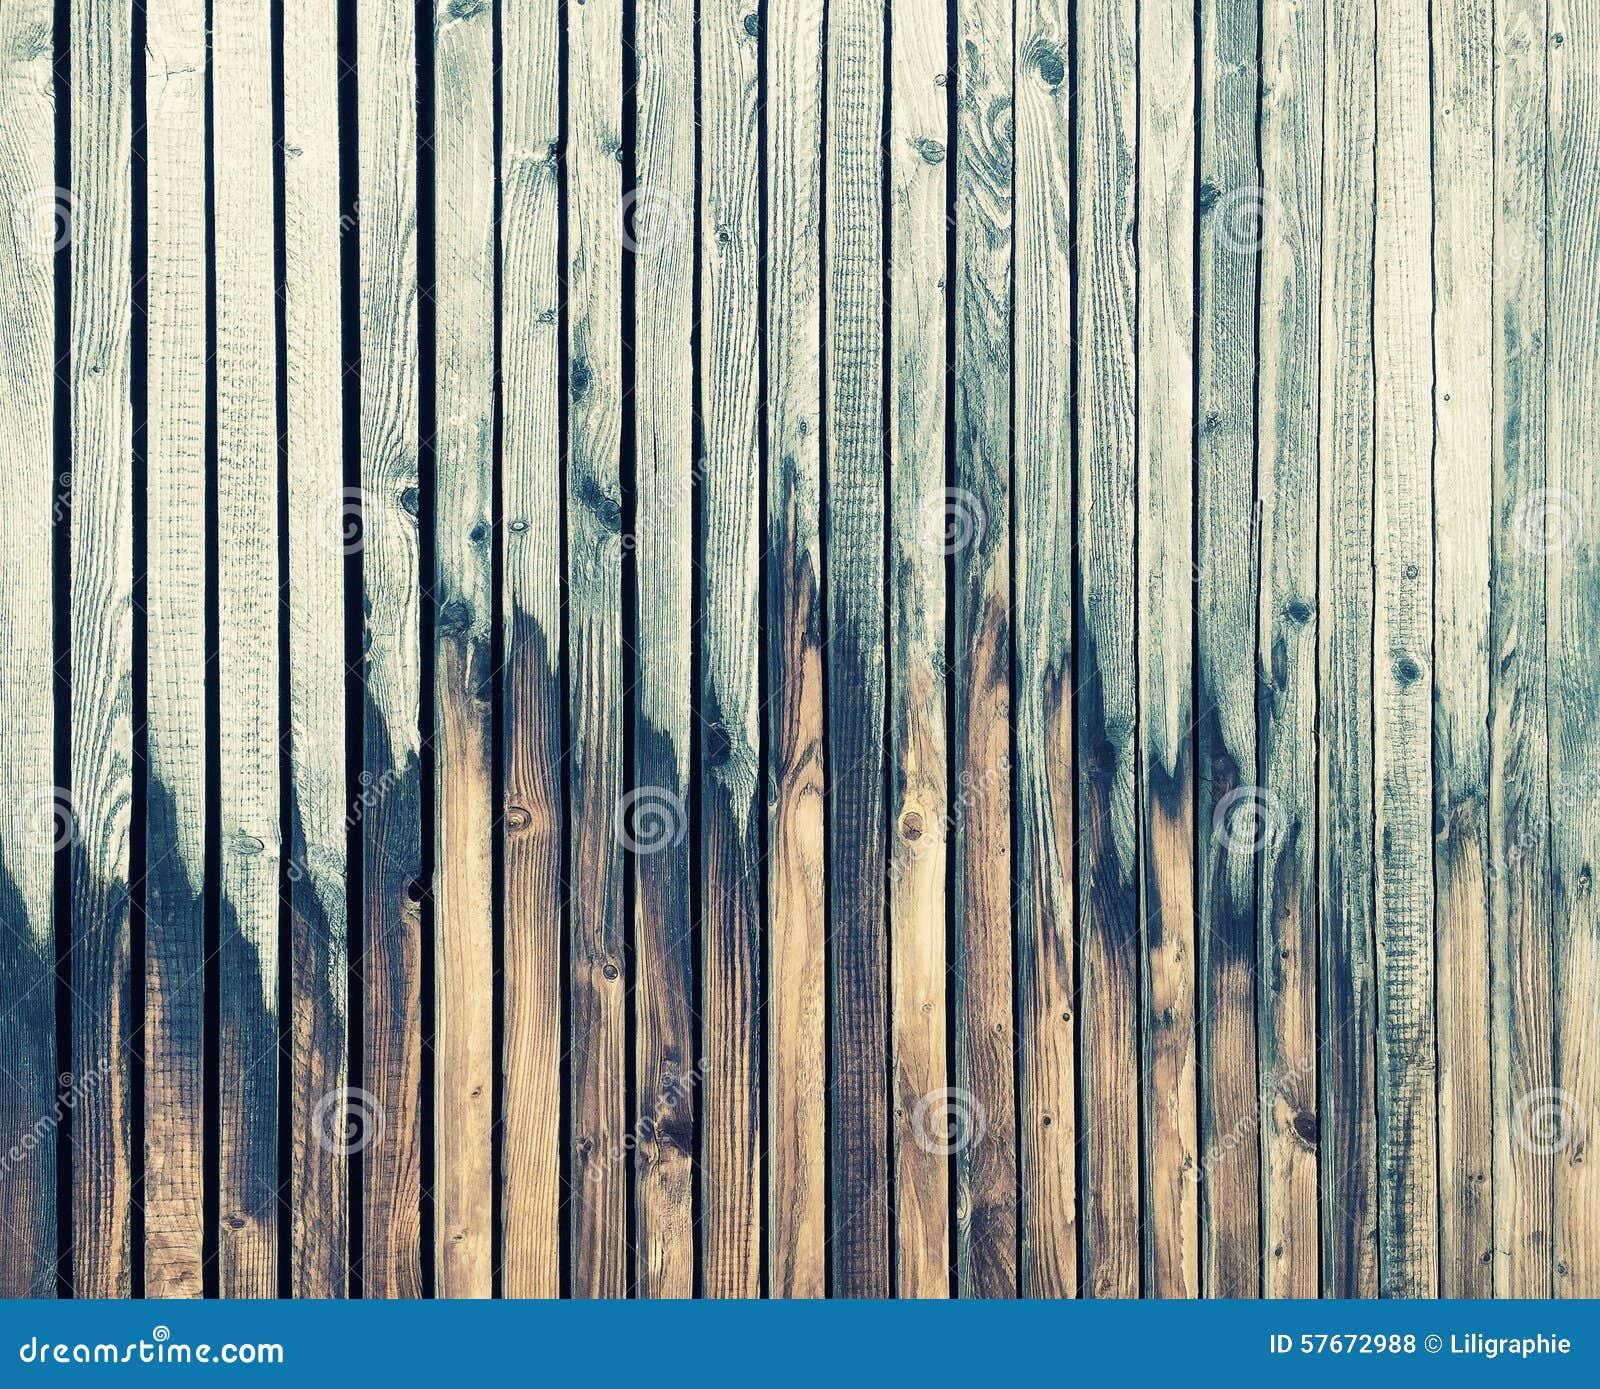 contexto fondo madera pintado retro